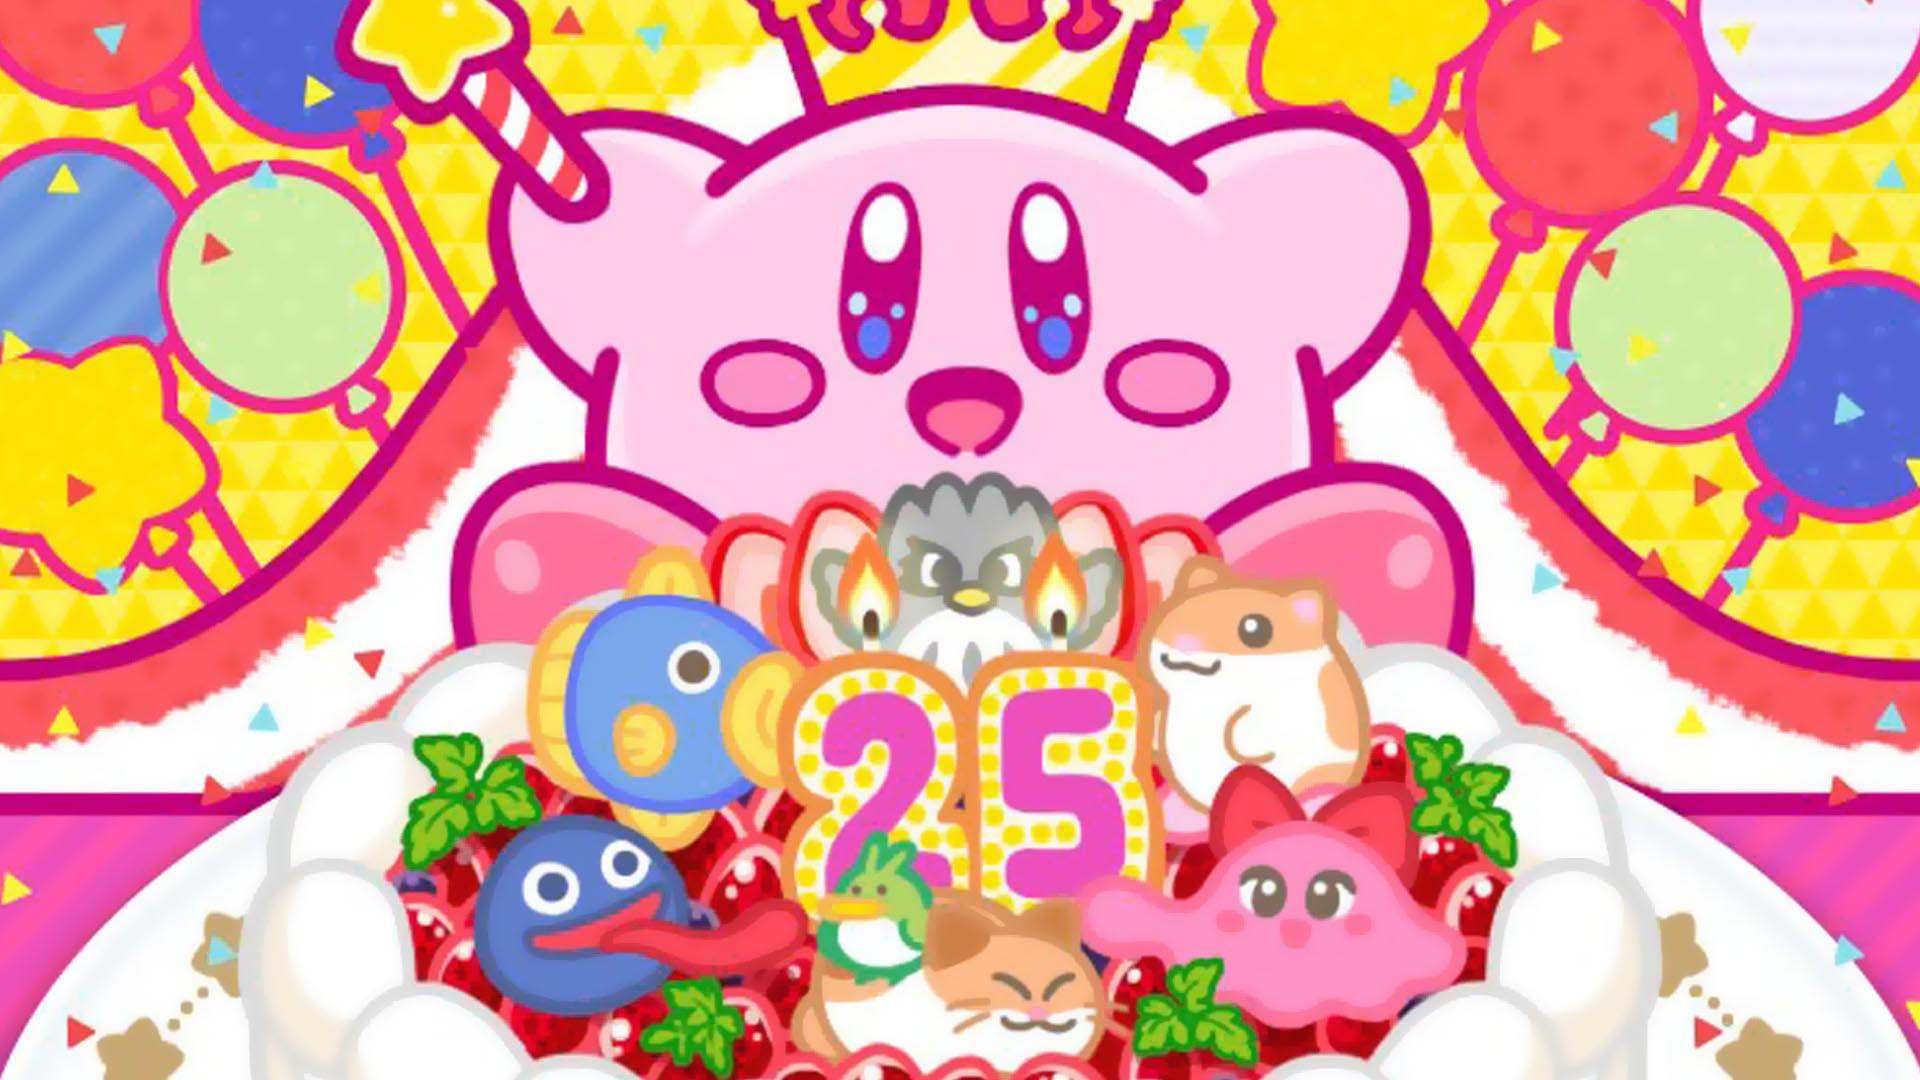 HAL Laboratory continua comprometida com a série Kirby, e diz que fará jogos mesmo que eles tenham apenas um único fã